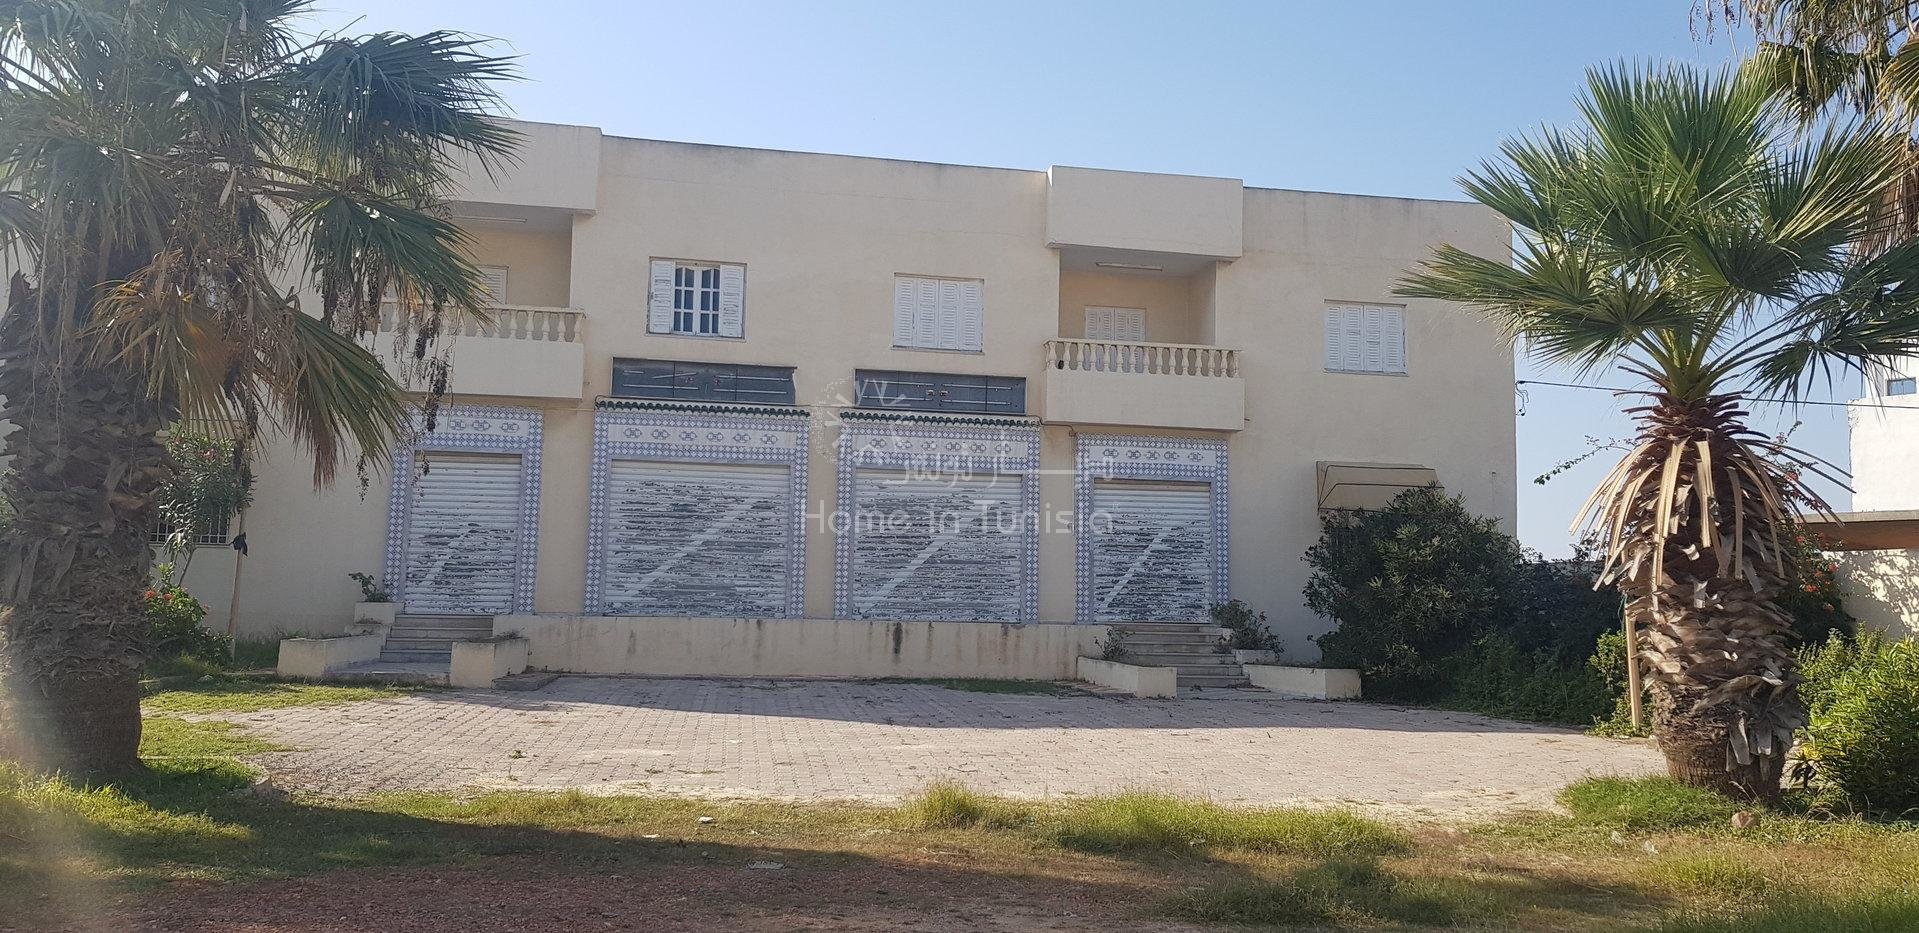 Local commerciale et industriel a louer a Sousse